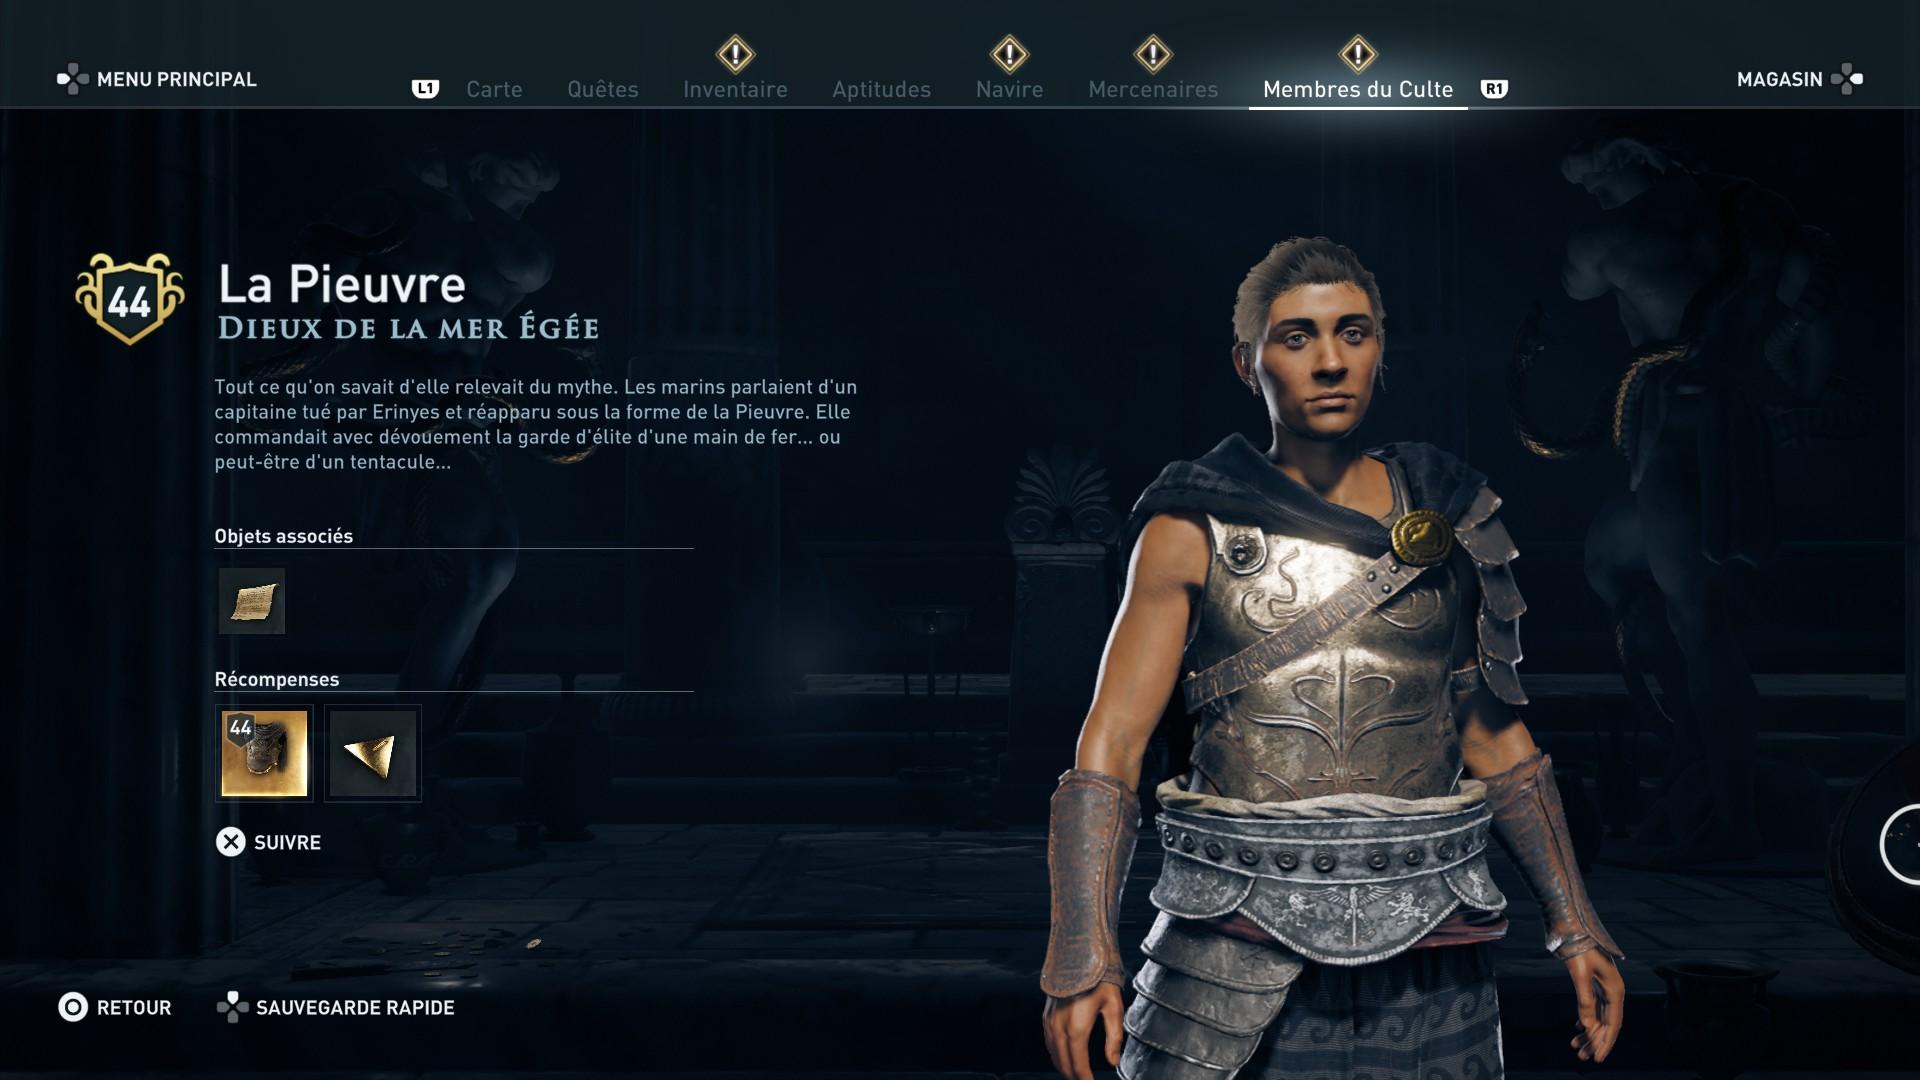 Assassin's Creed Odyssey trouver et tuer les adeptes du culte du Kosmos, ps4, xbox one, pc, ubisoft, jeu vidéo, la pieuvre, dieux de la mer égée